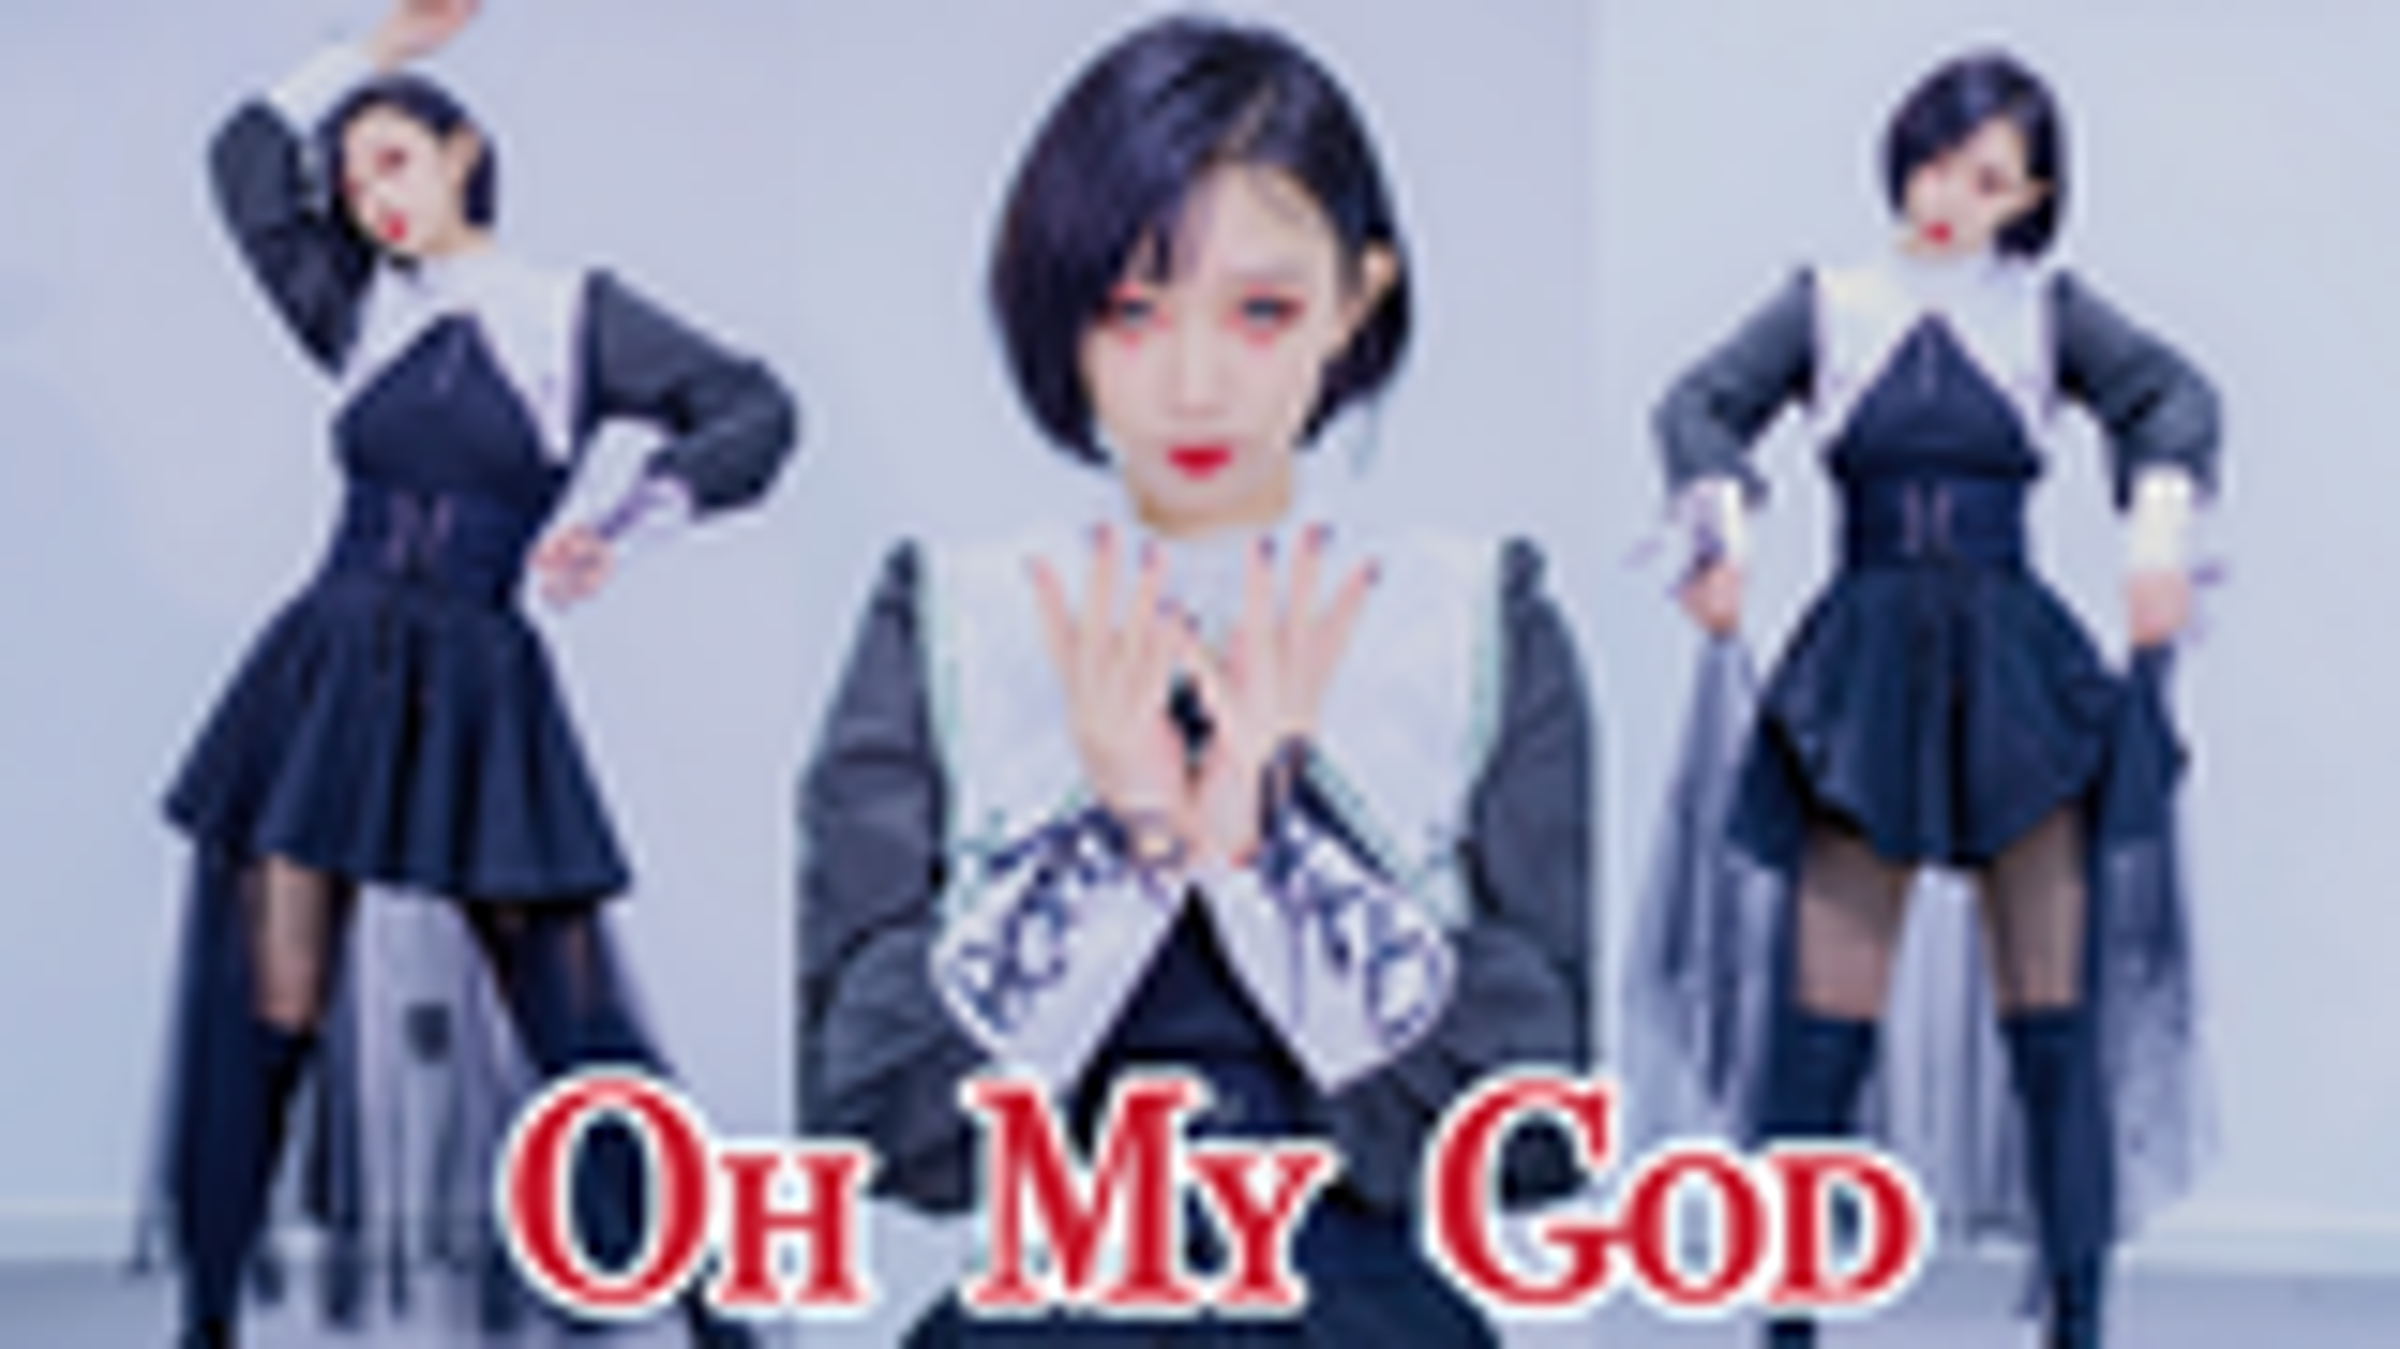 【贰太】oh my god✧堕落天使终为恶魔